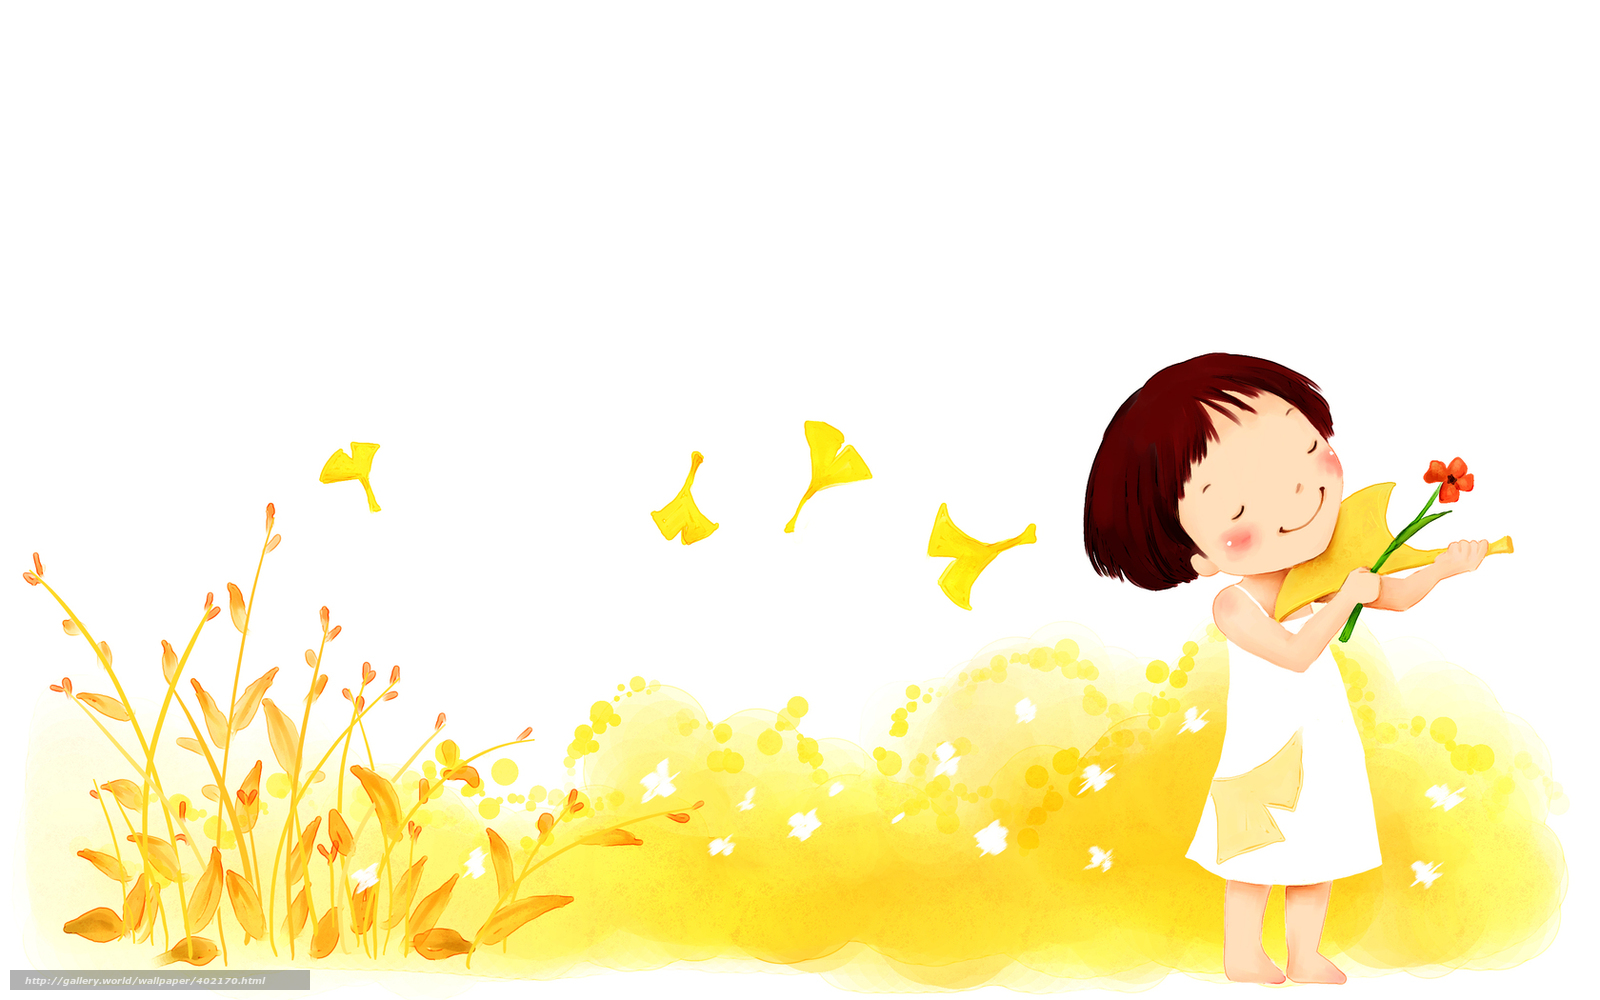 Tlcharger fond d 39 ecran enfants papier peint fleurs fille enfant fonds - Papier peint enfant fille ...